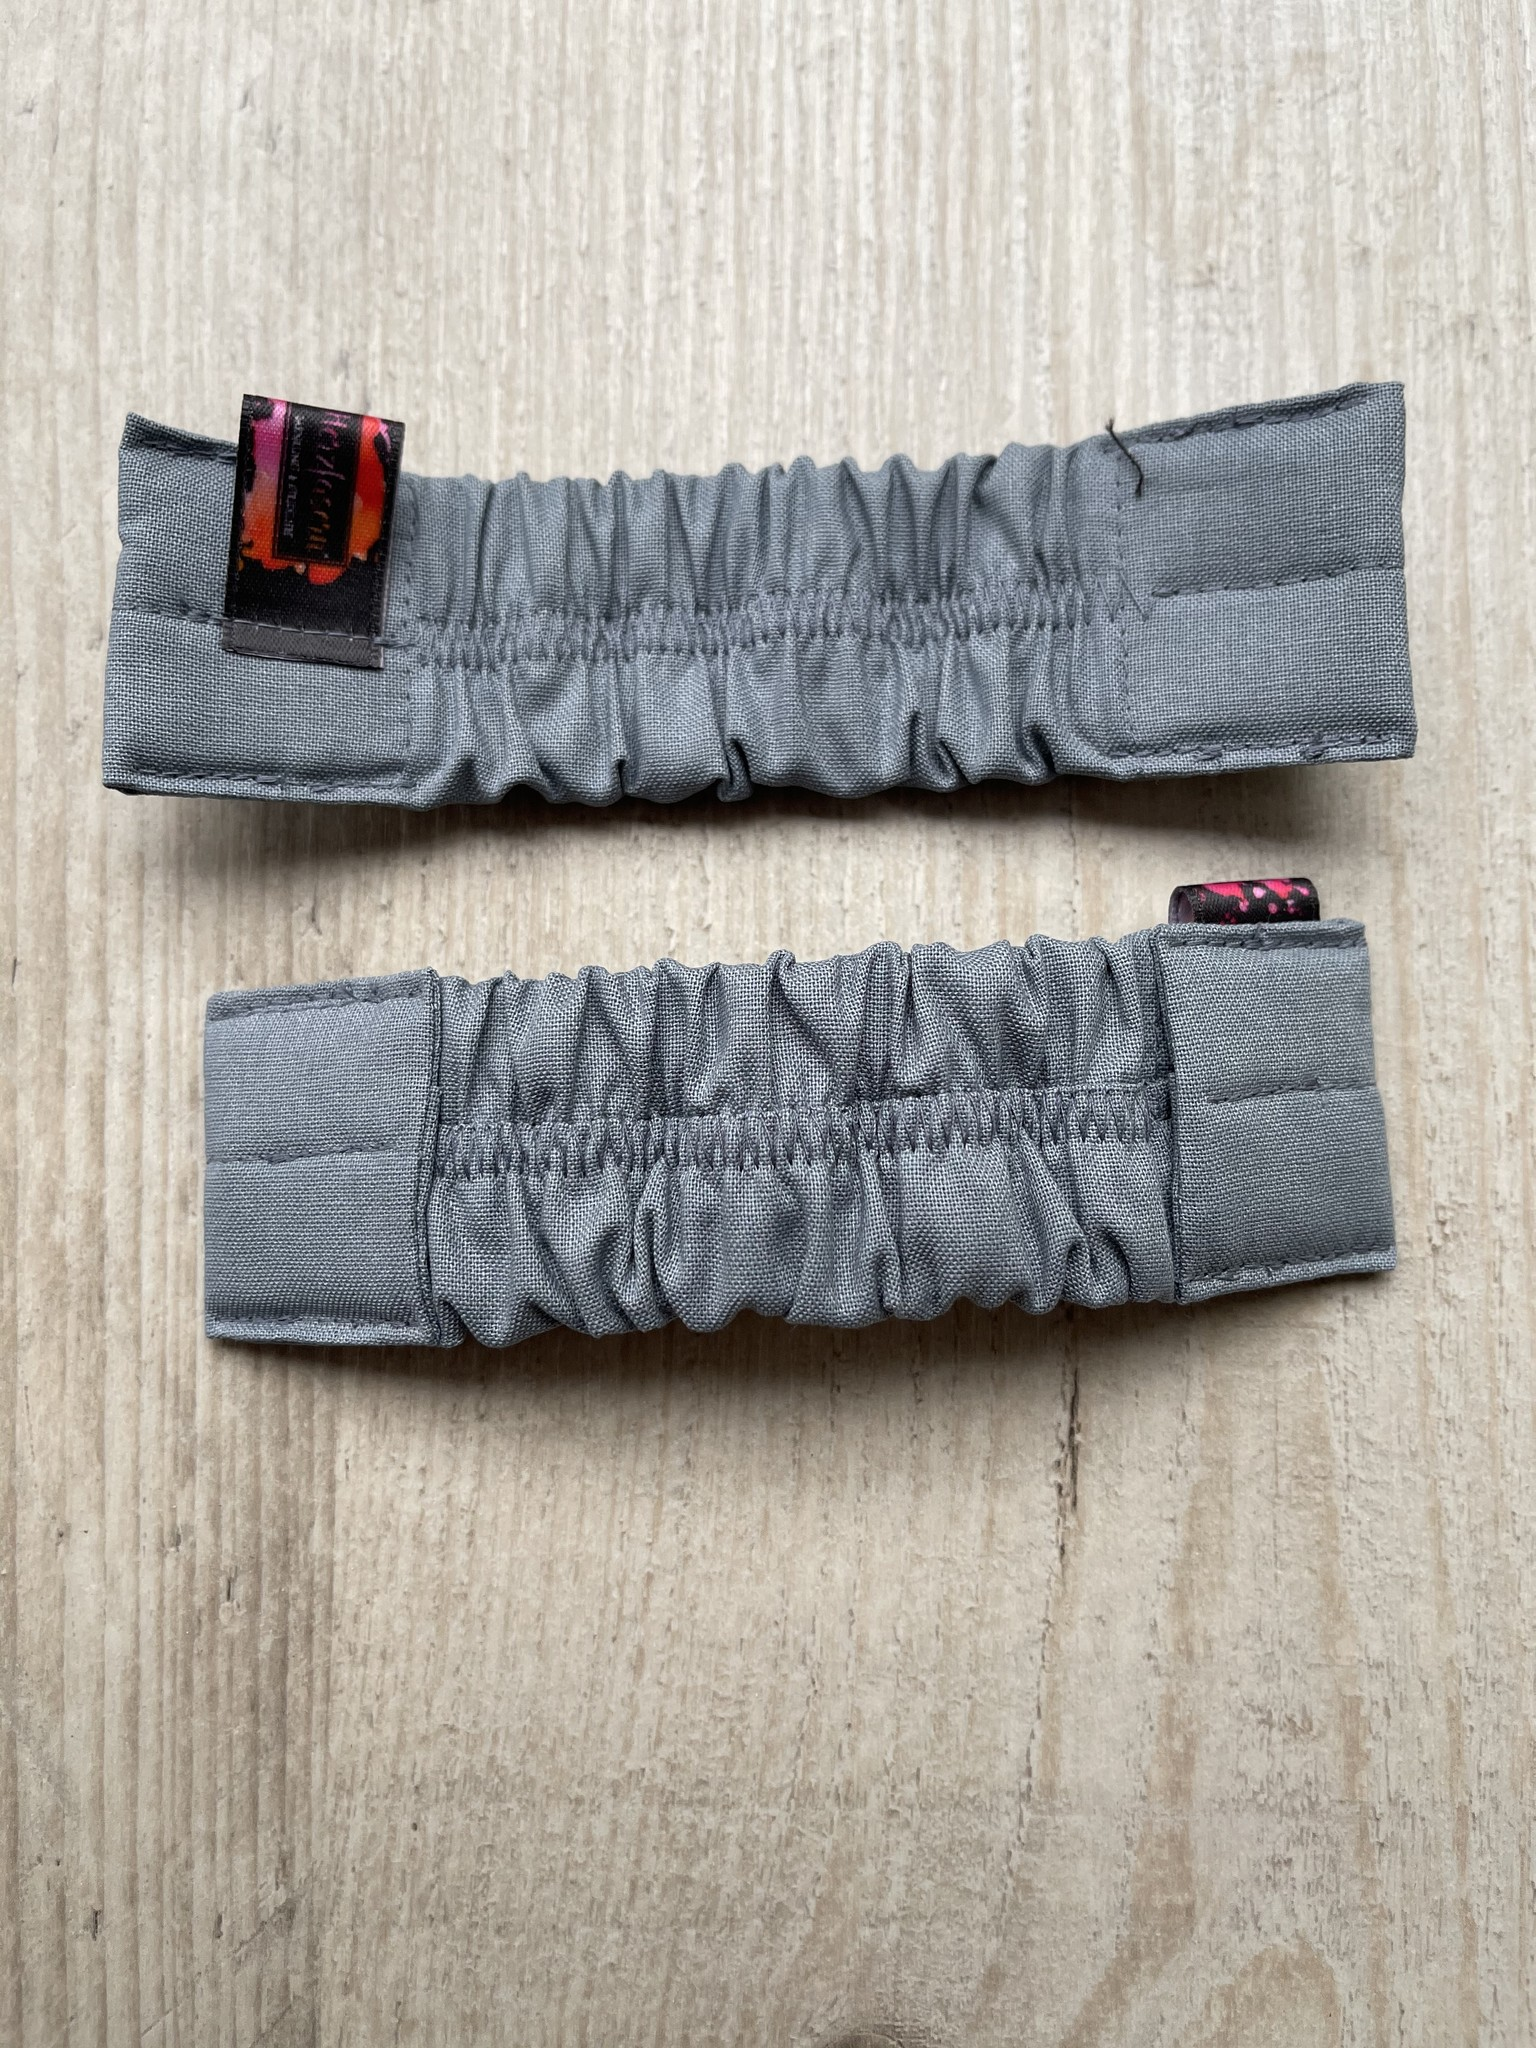 Nadelspieltasche - Nadelgarage